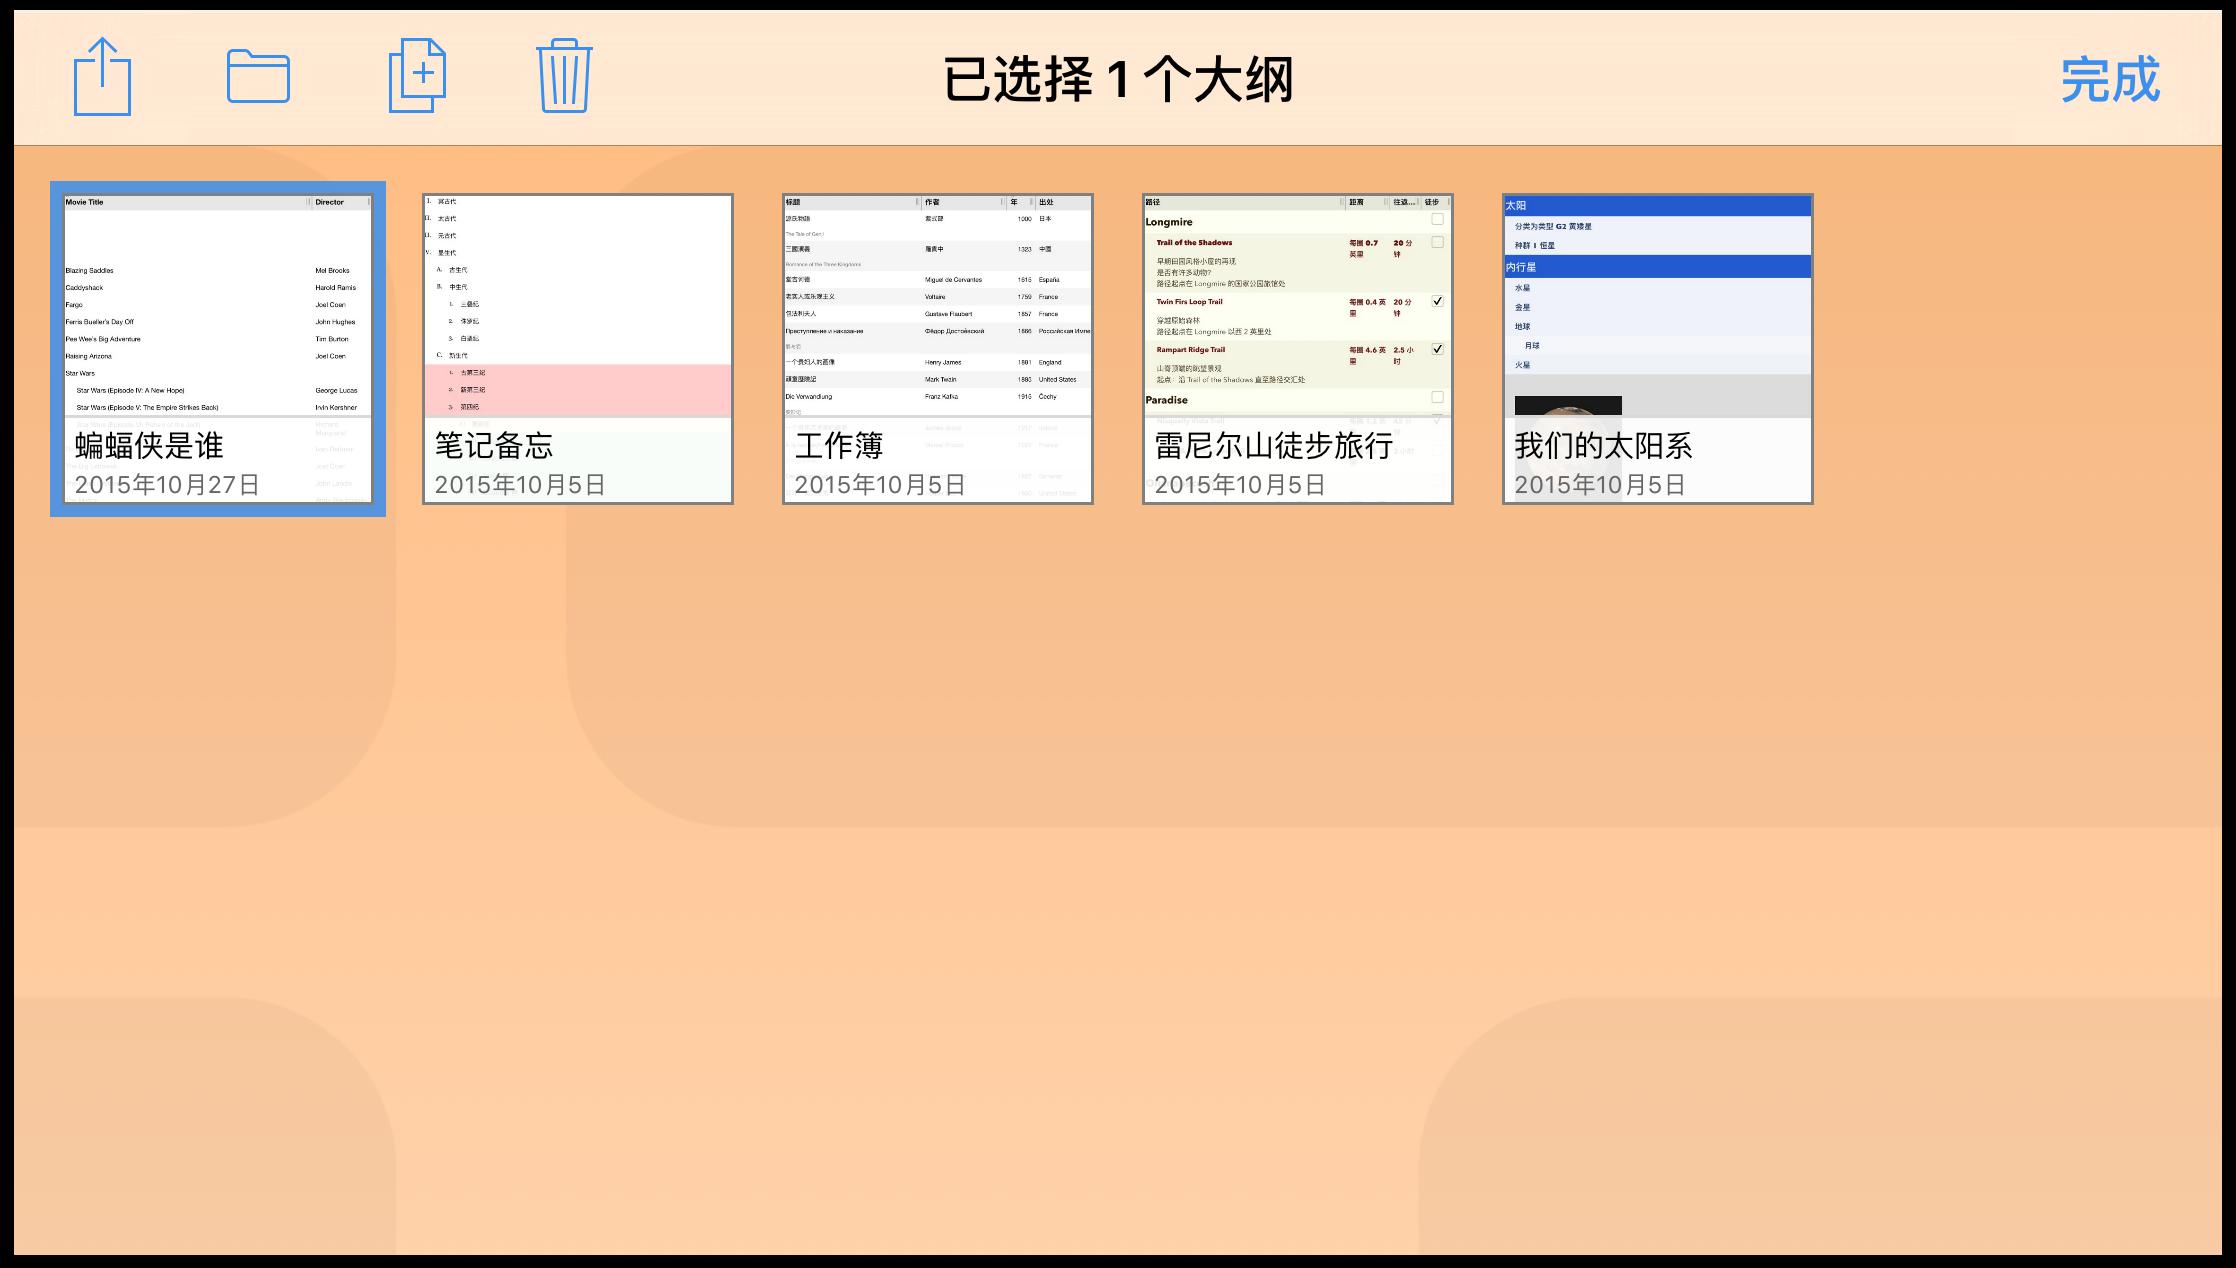 选中的文件会以蓝色边框高亮显示